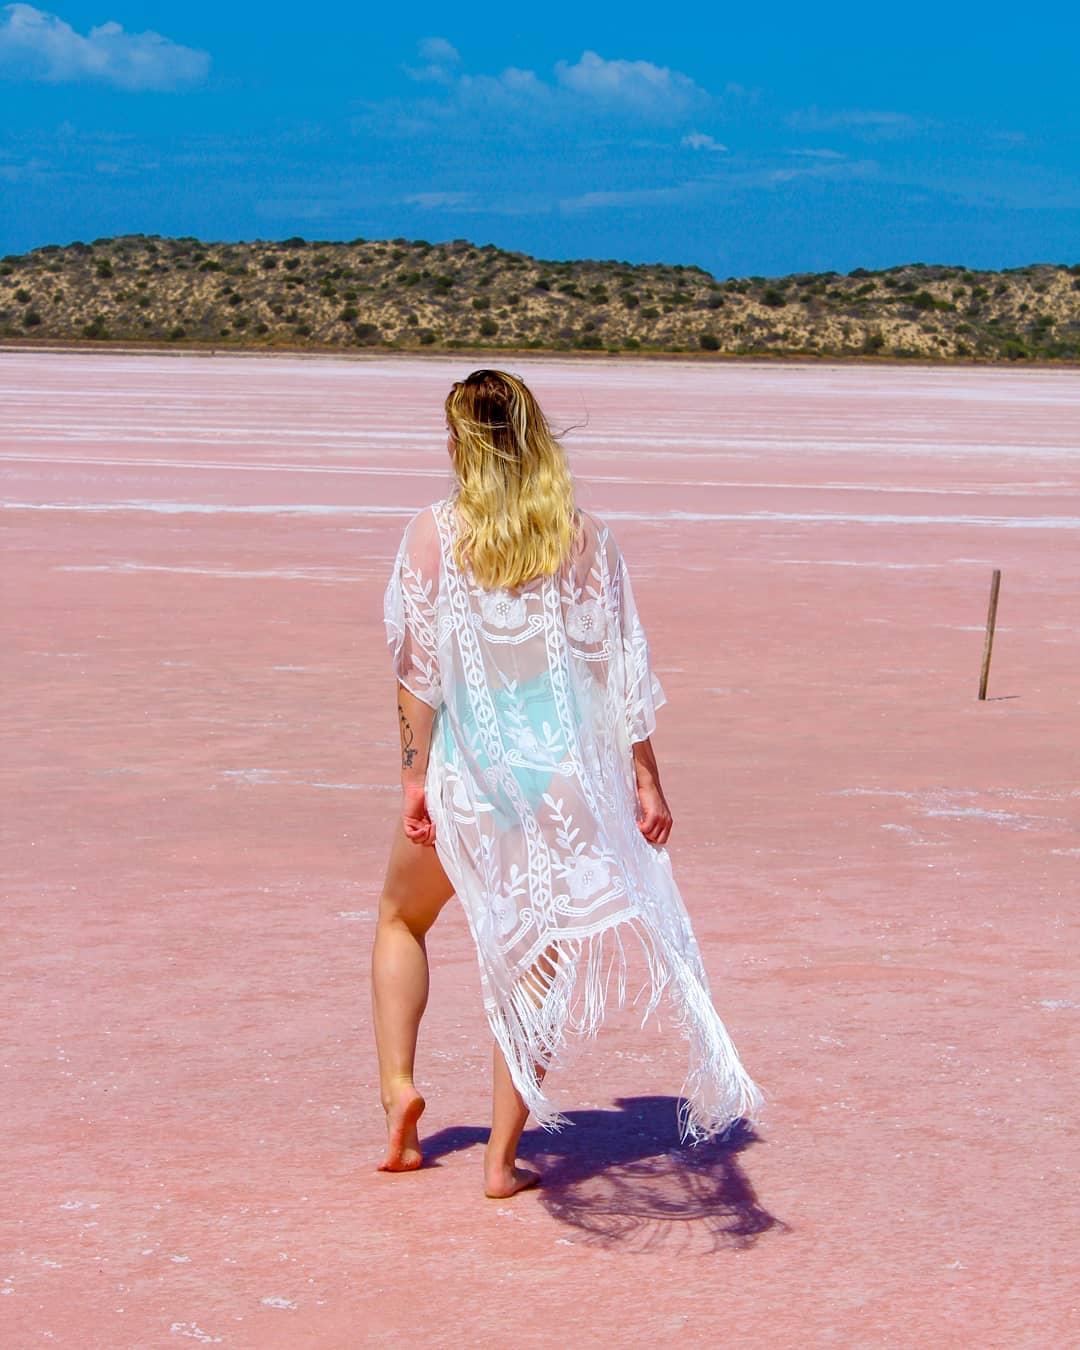 Лагуна Хатт с розовой водой на западном побережье Австралии